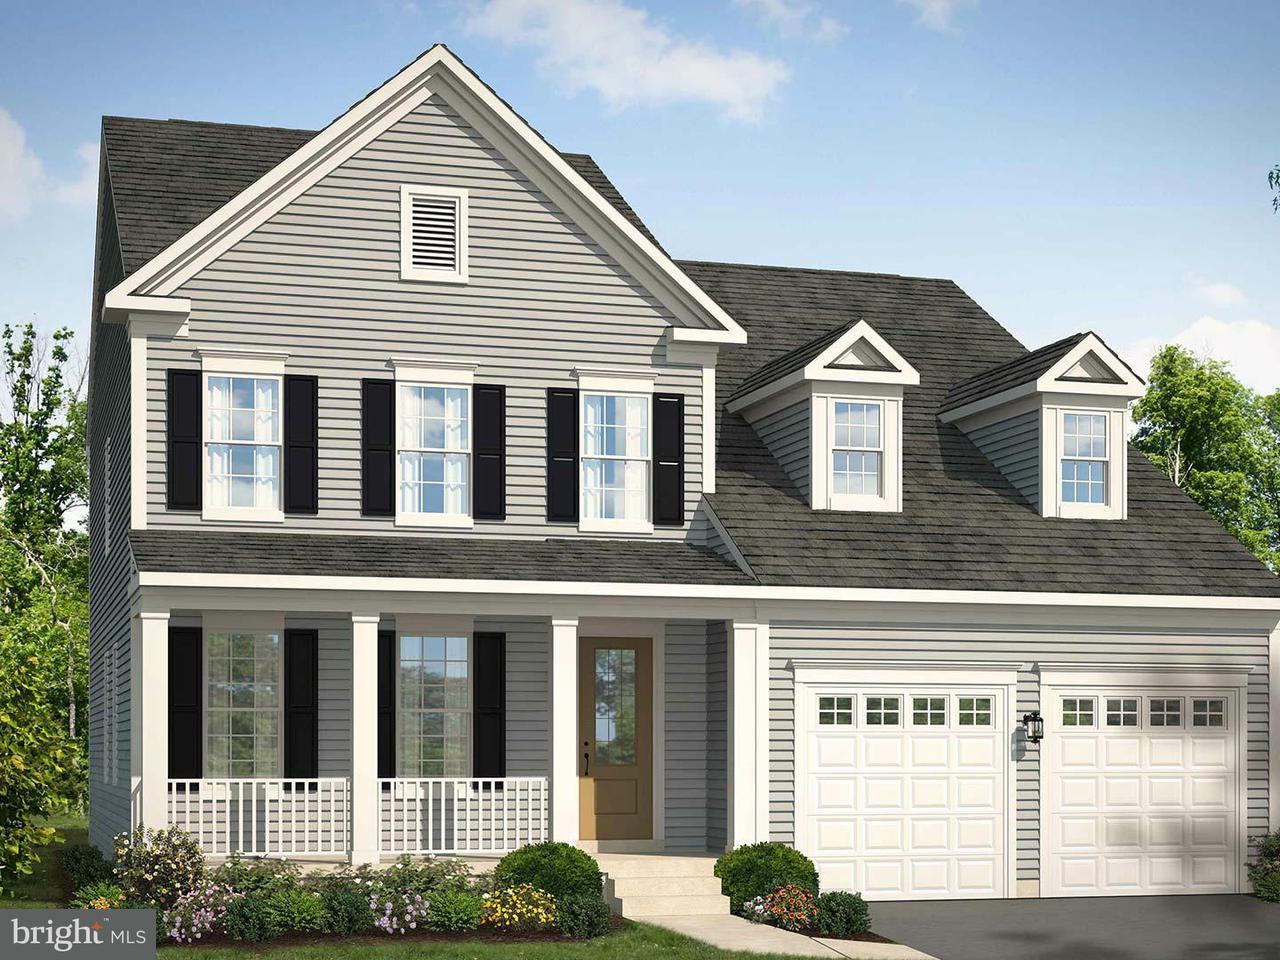 一戸建て のために 売買 アット 23386 LILLIFLORA Drive 23386 LILLIFLORA Drive California, メリーランド 20619 アメリカ合衆国